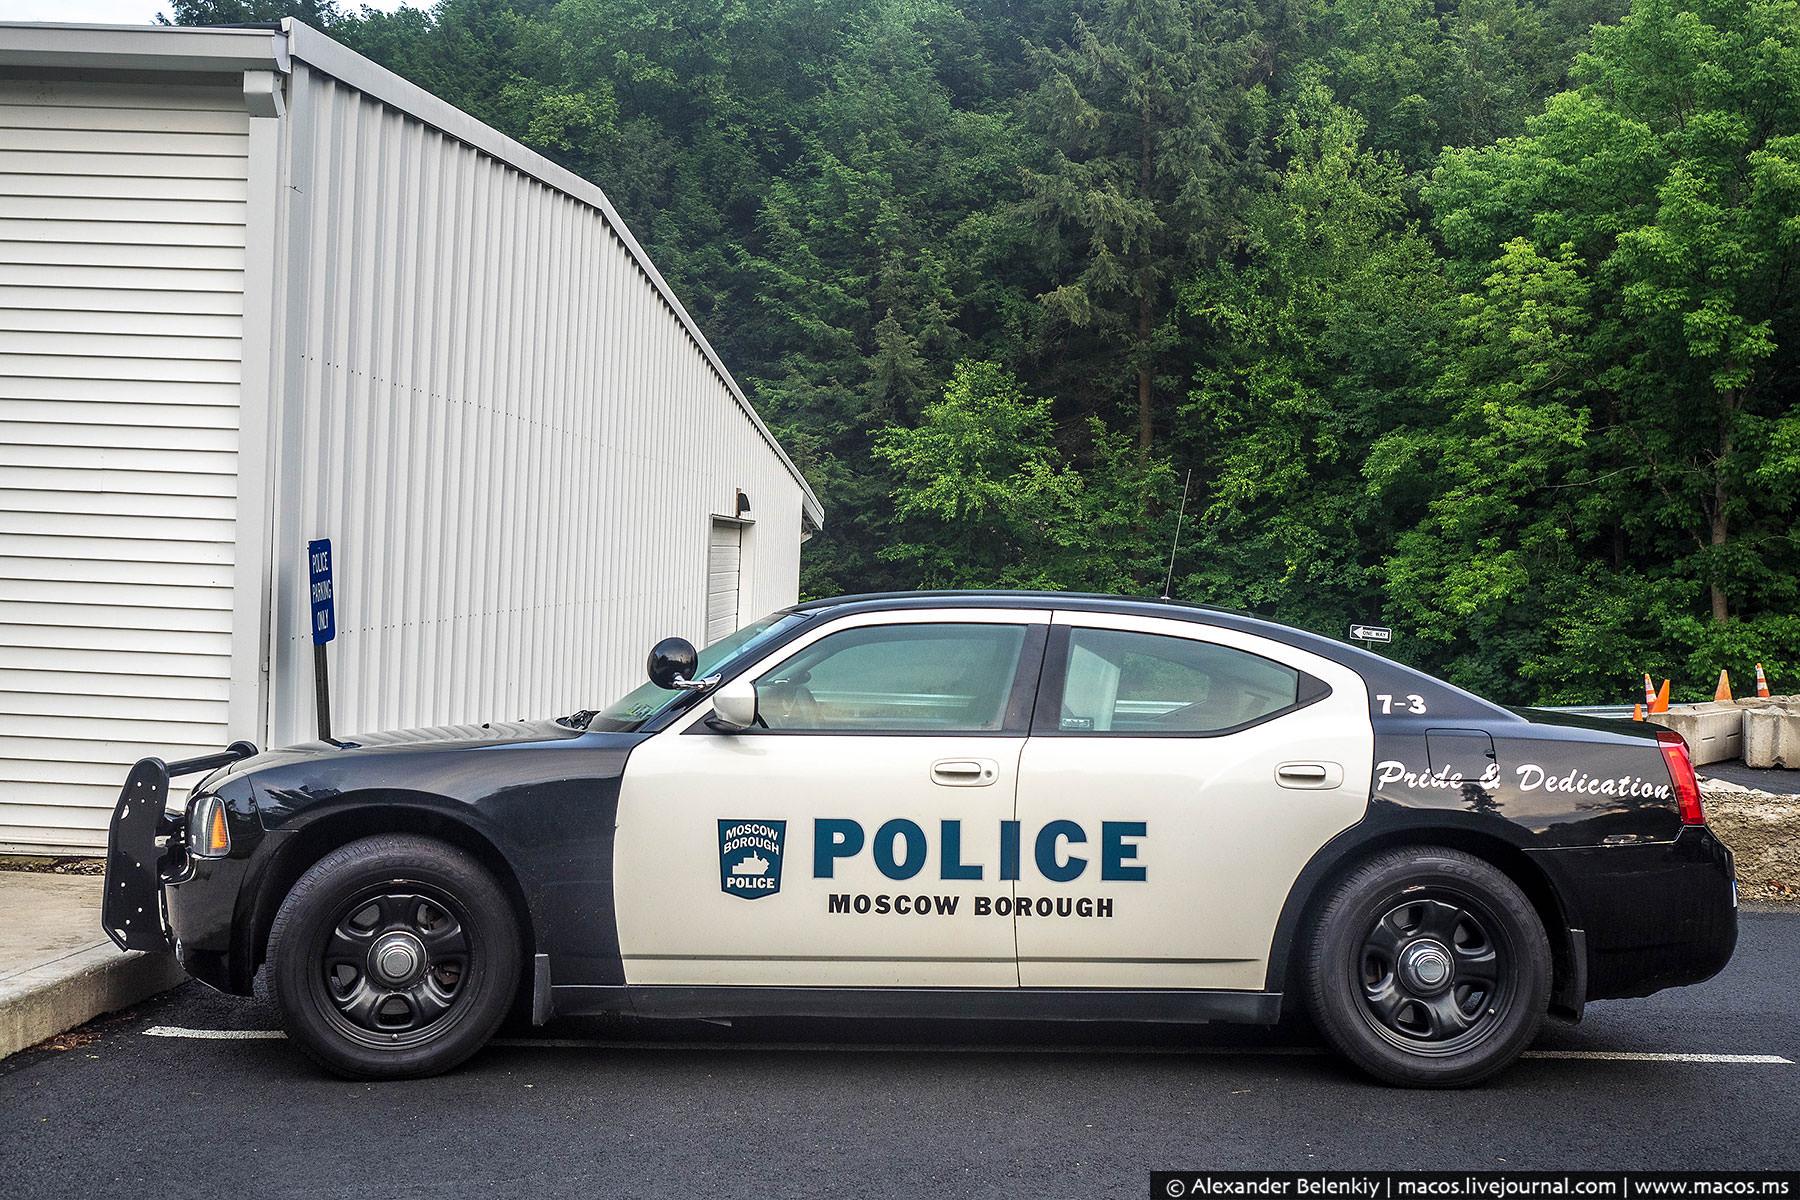 Здесь же полицейский участок, скорее всего, одна комната. И автомобиль один, даже тот без мигалки. Б